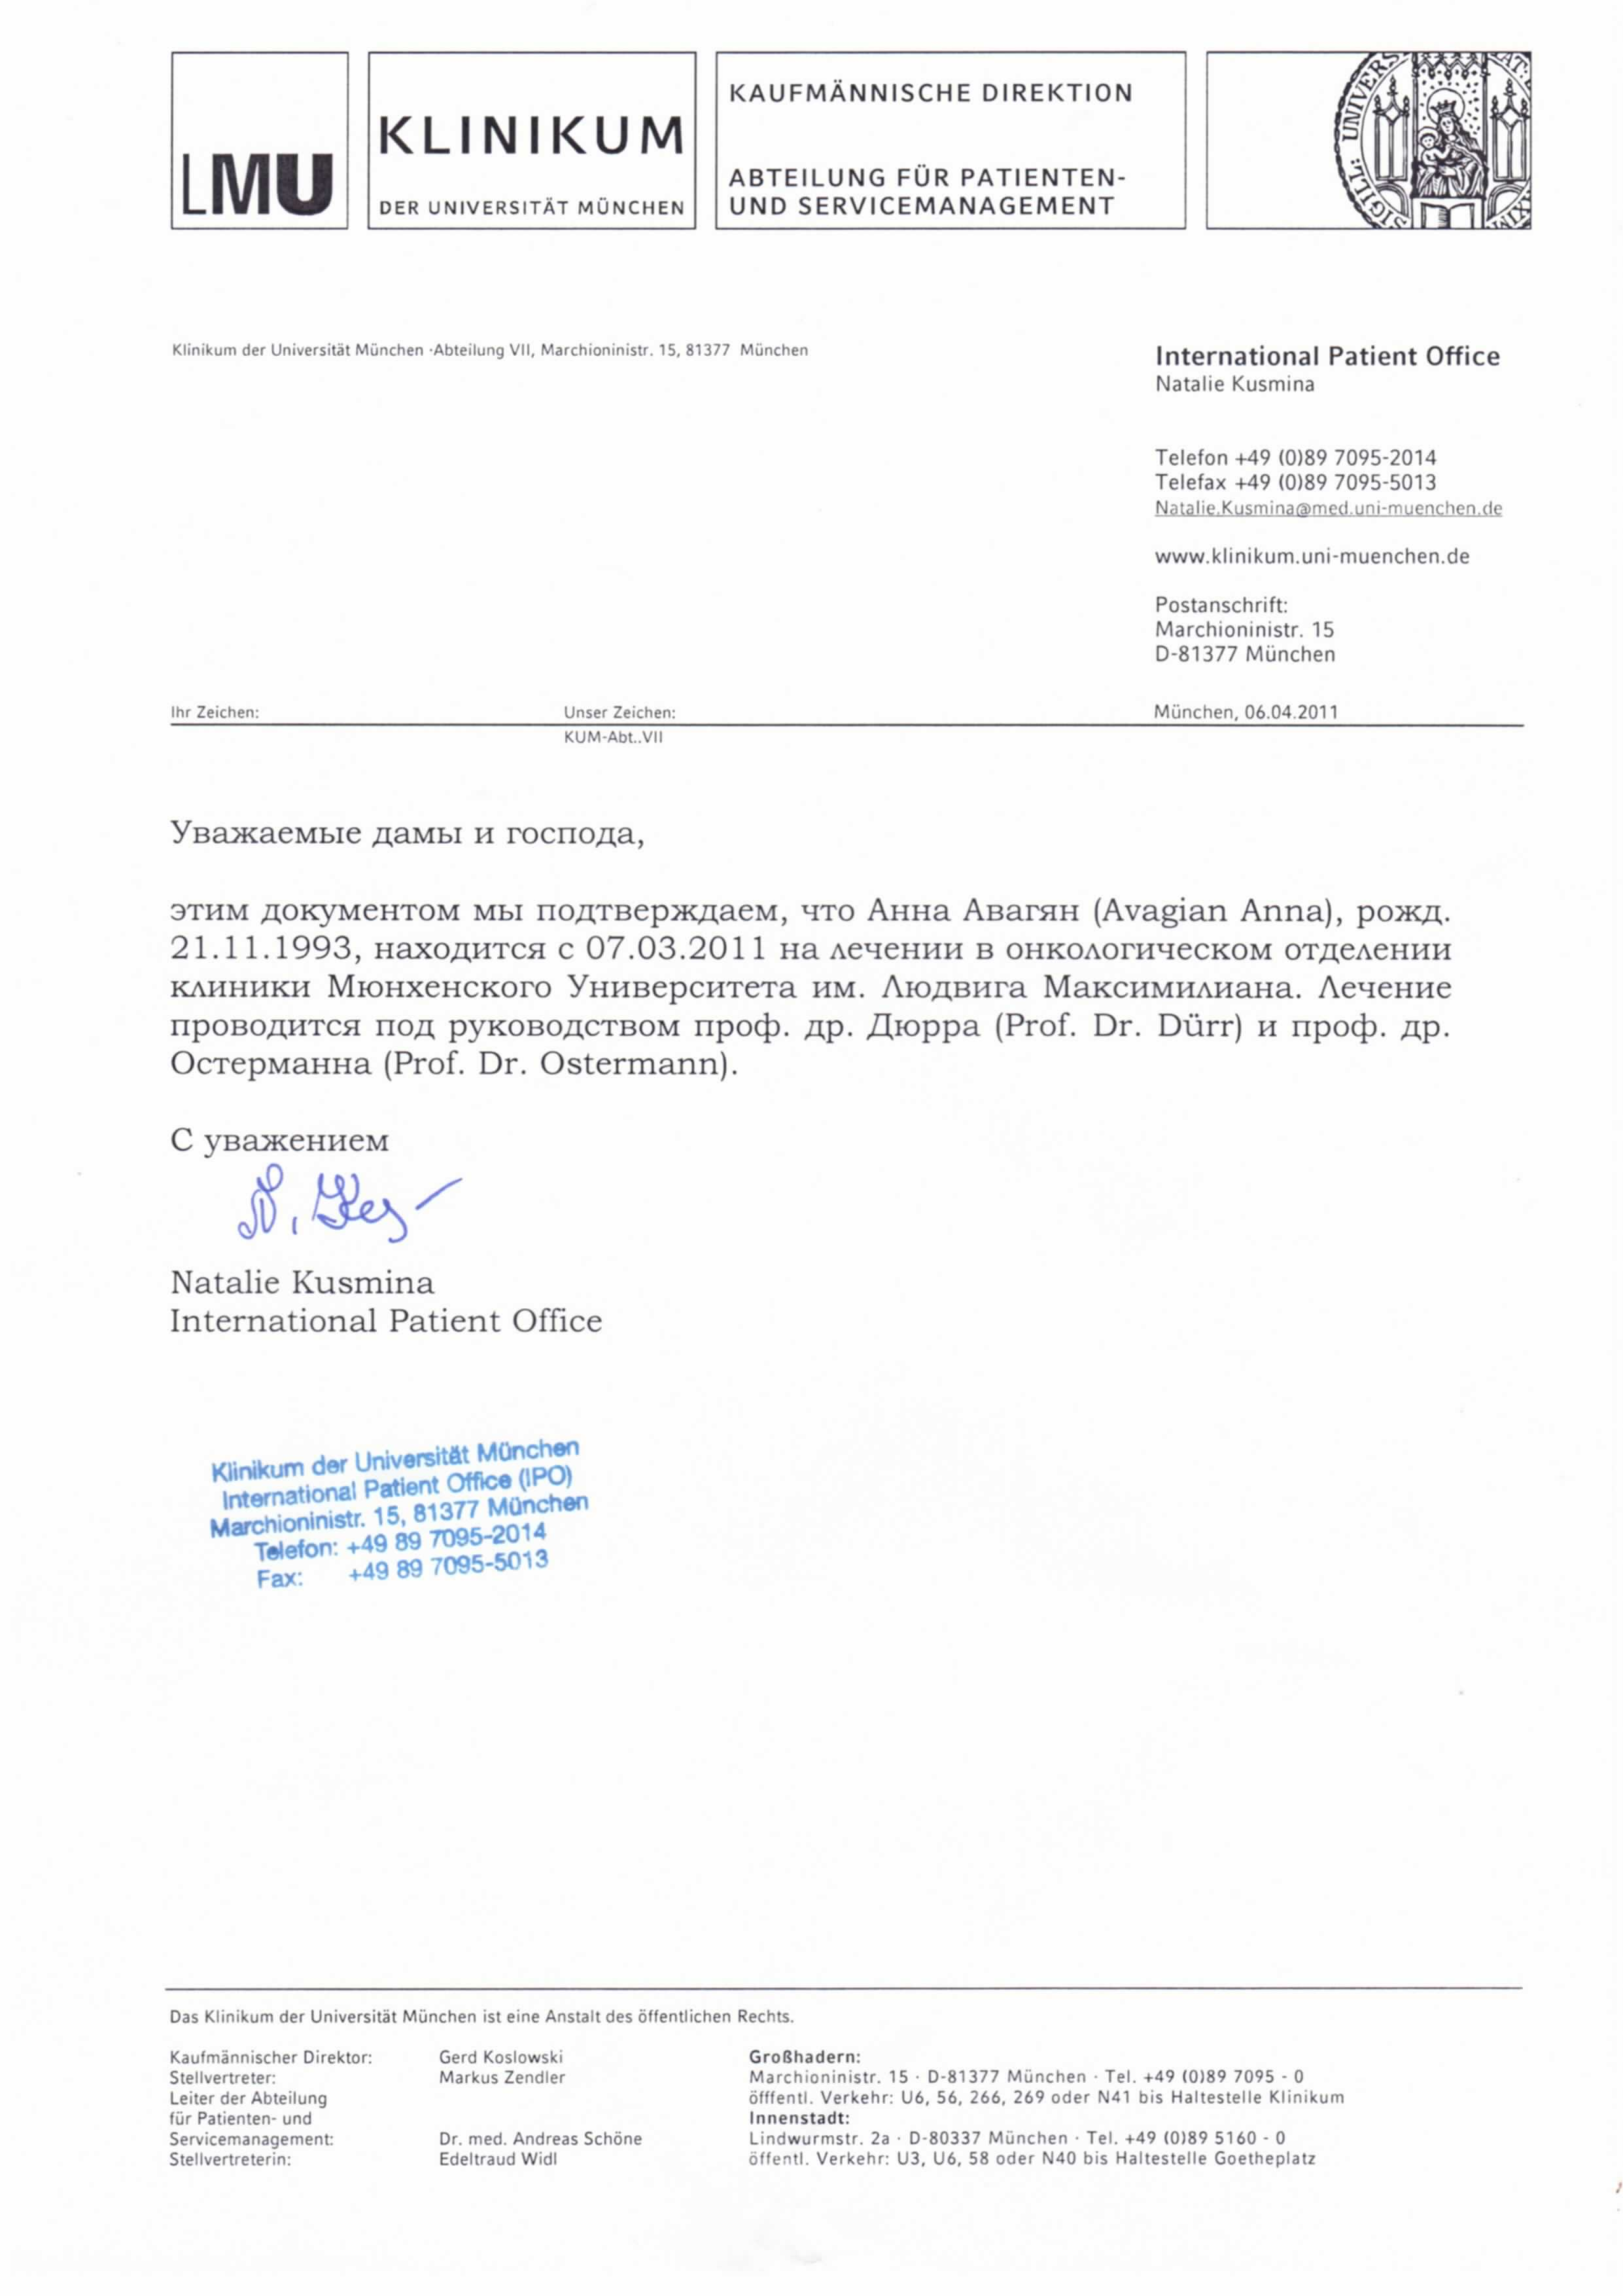 Поликлиника администрации президента москва